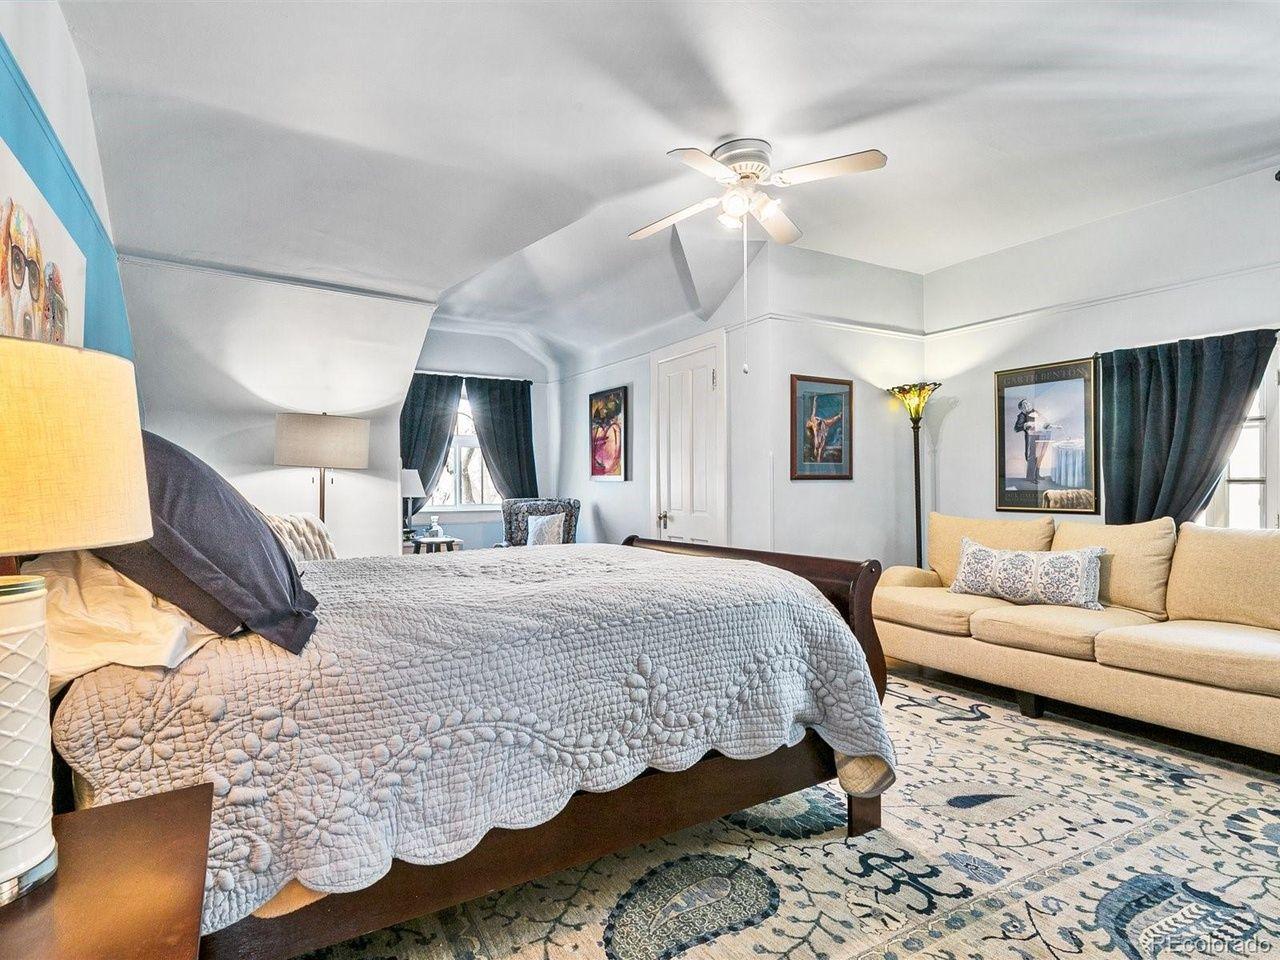 1350 N. Logan St bedroom